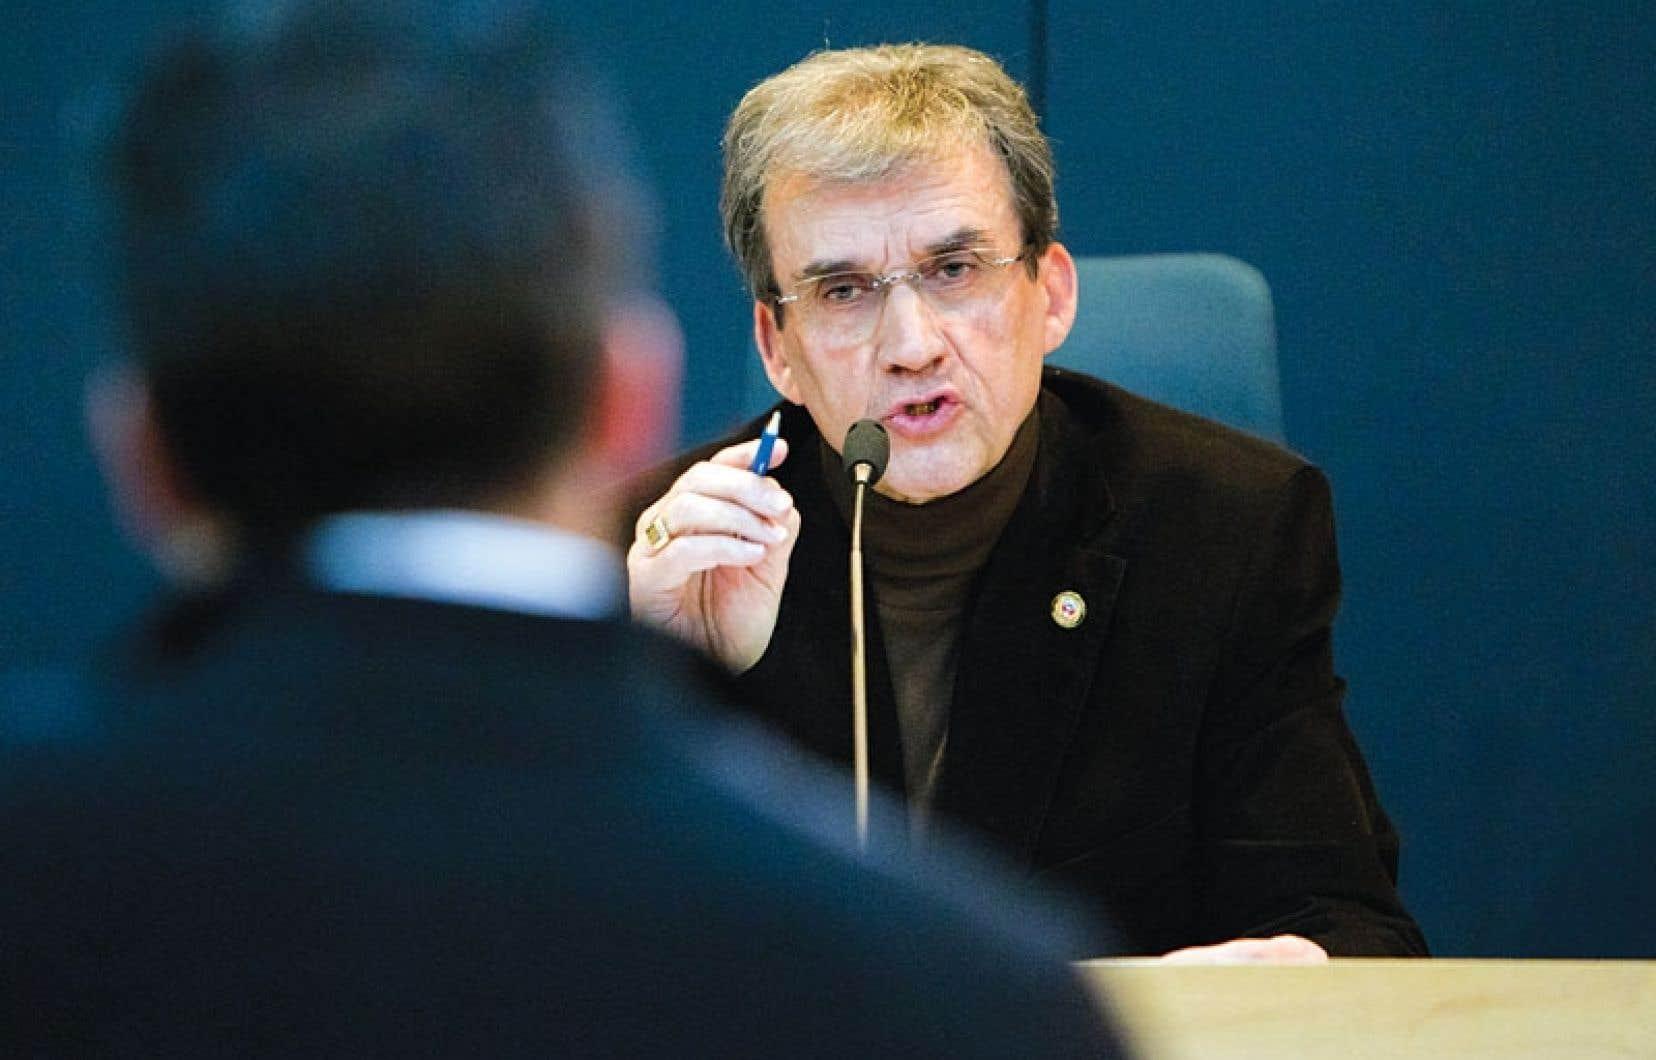 Le maire Claude Benjamin a été questionné lundi soir par des citoyens. L'un d'eux a été expulsé.